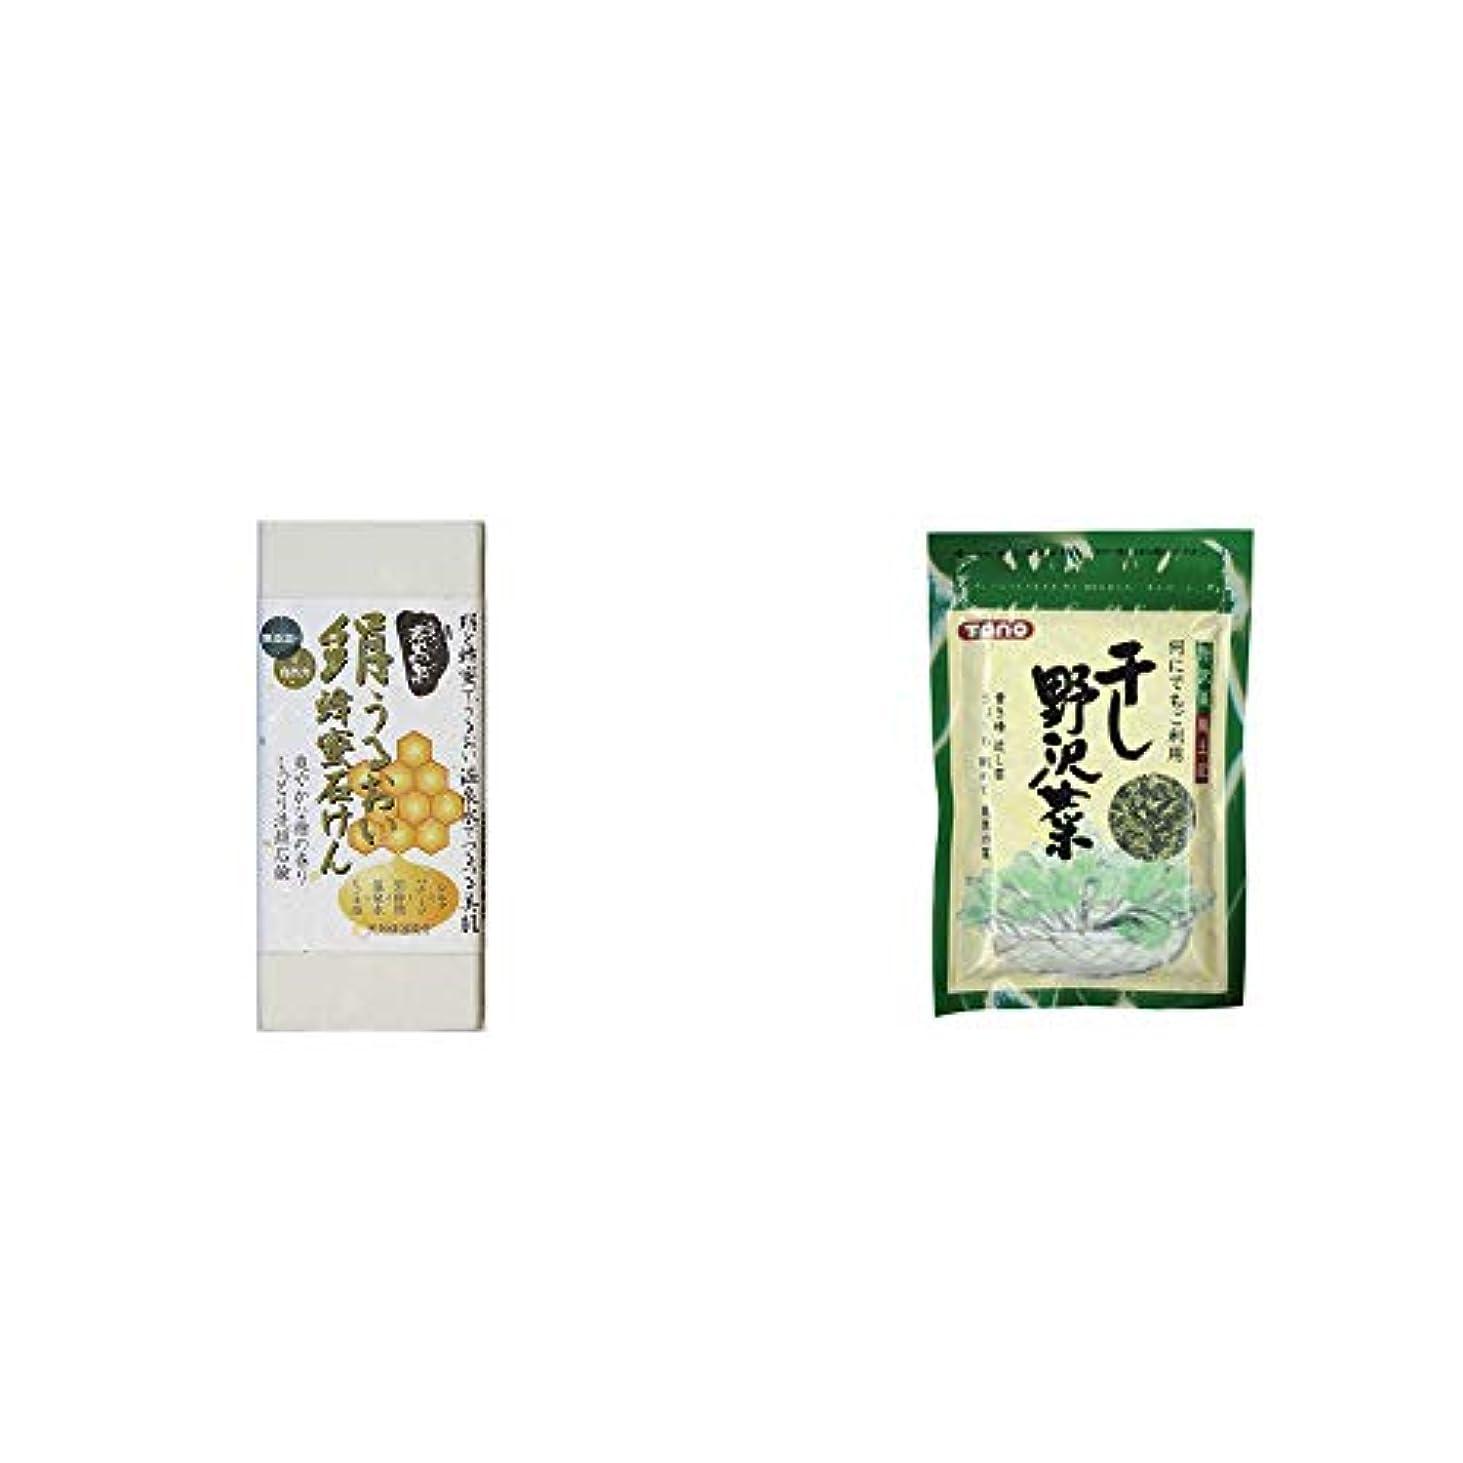 焼く負担マスク[2点セット] ひのき炭黒泉 絹うるおい蜂蜜石けん(75g×2)?干し野沢菜(100g)